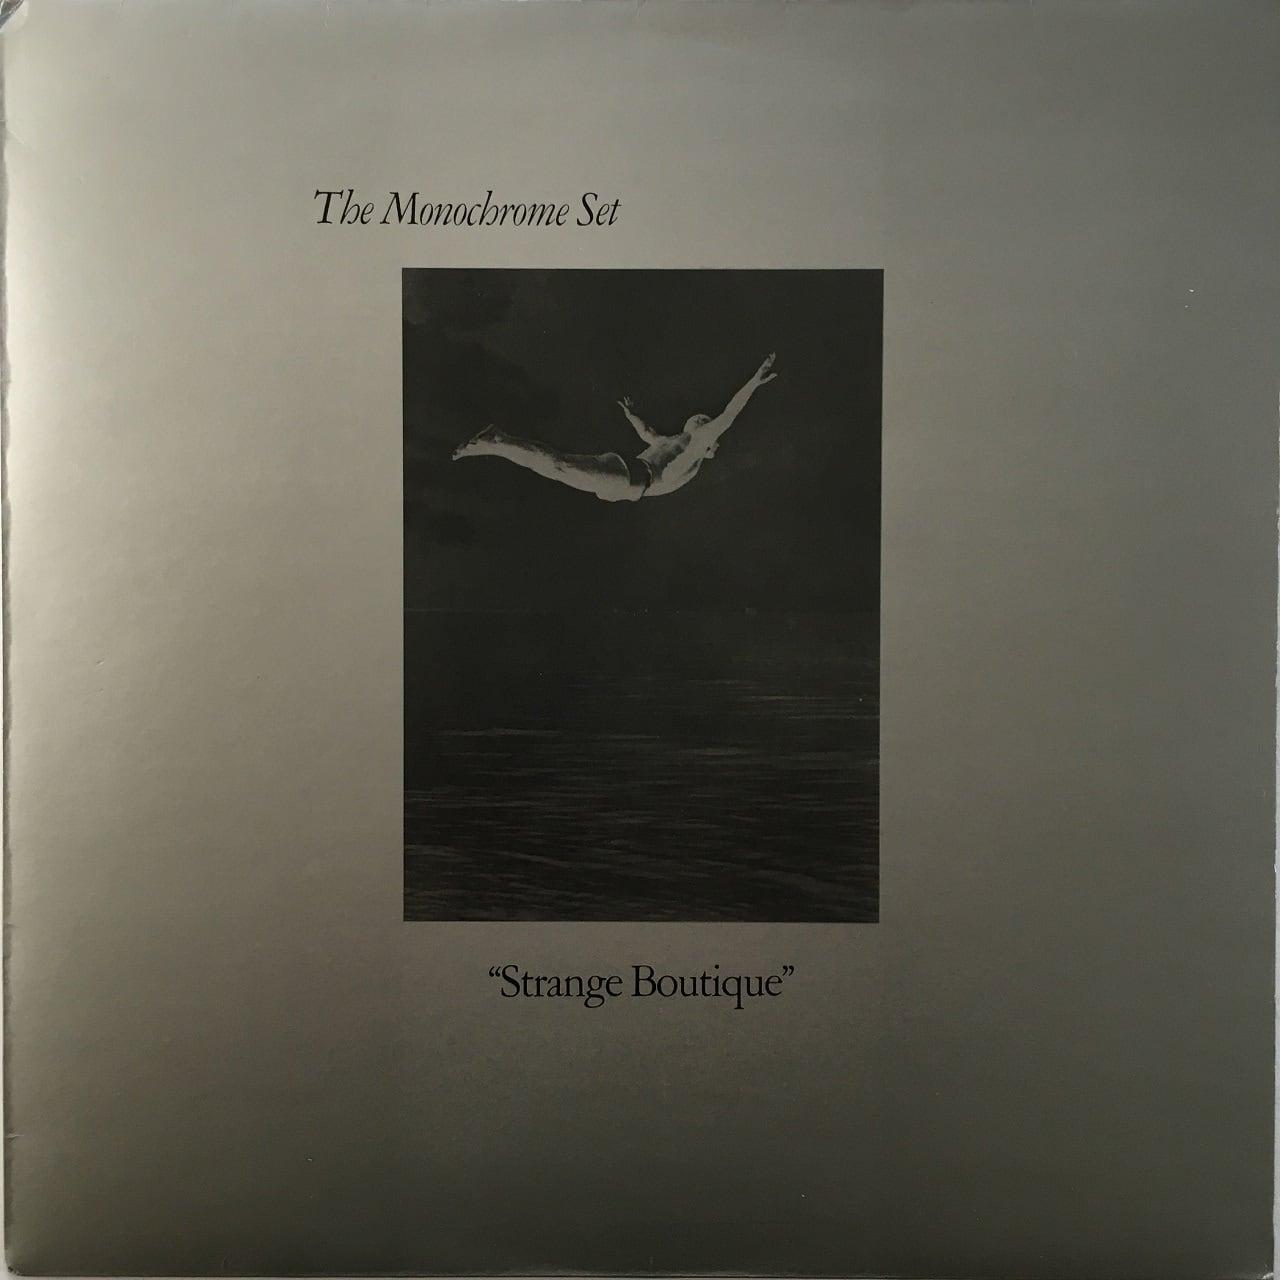 【LP・英盤】The Monochrome Set / Strange Boutique